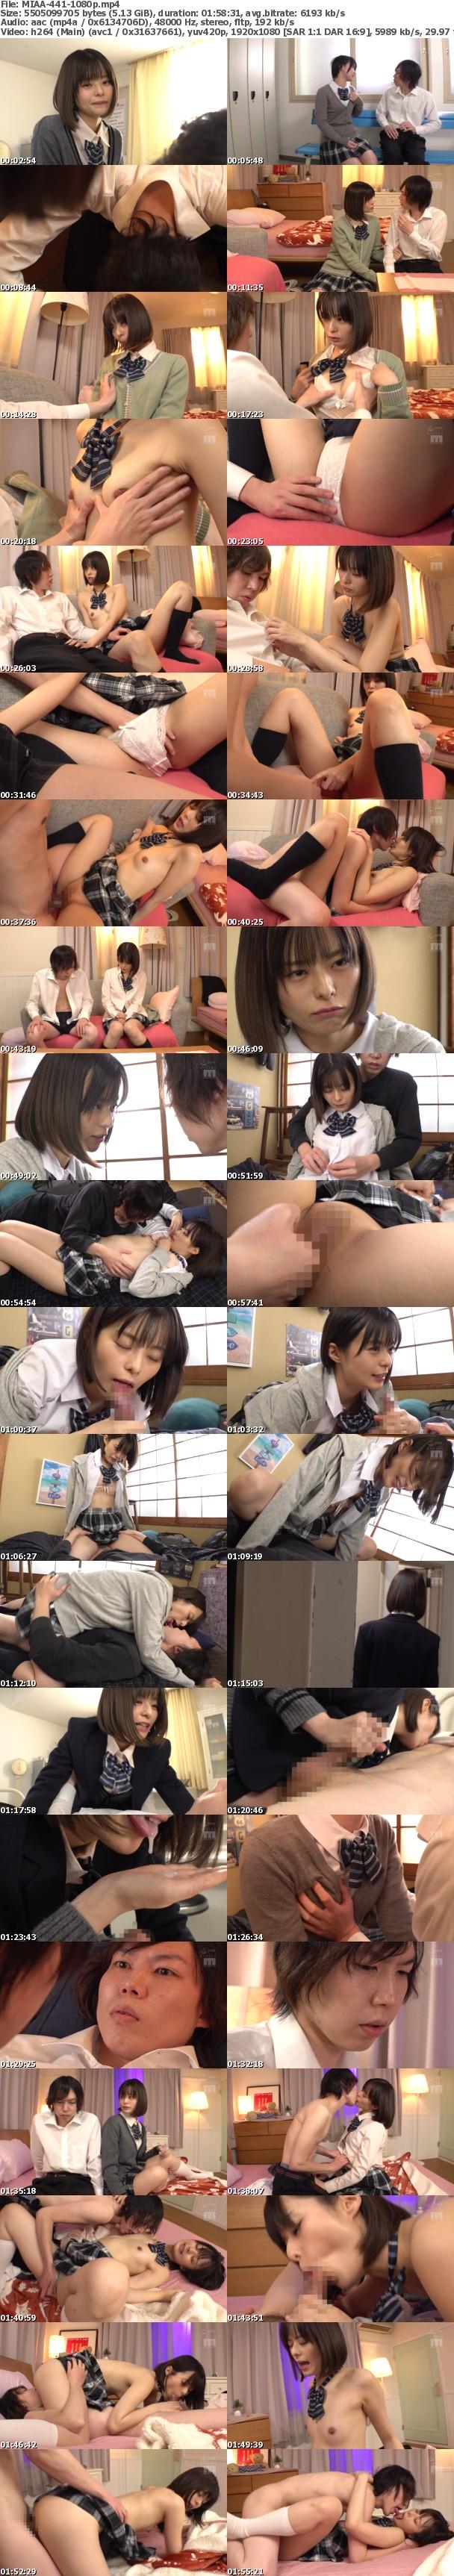 (Full HD) MIAA-441 はじめて彼女ができたので幼なじみとSEXや中出しの練習をする事にした 月乃ルナ